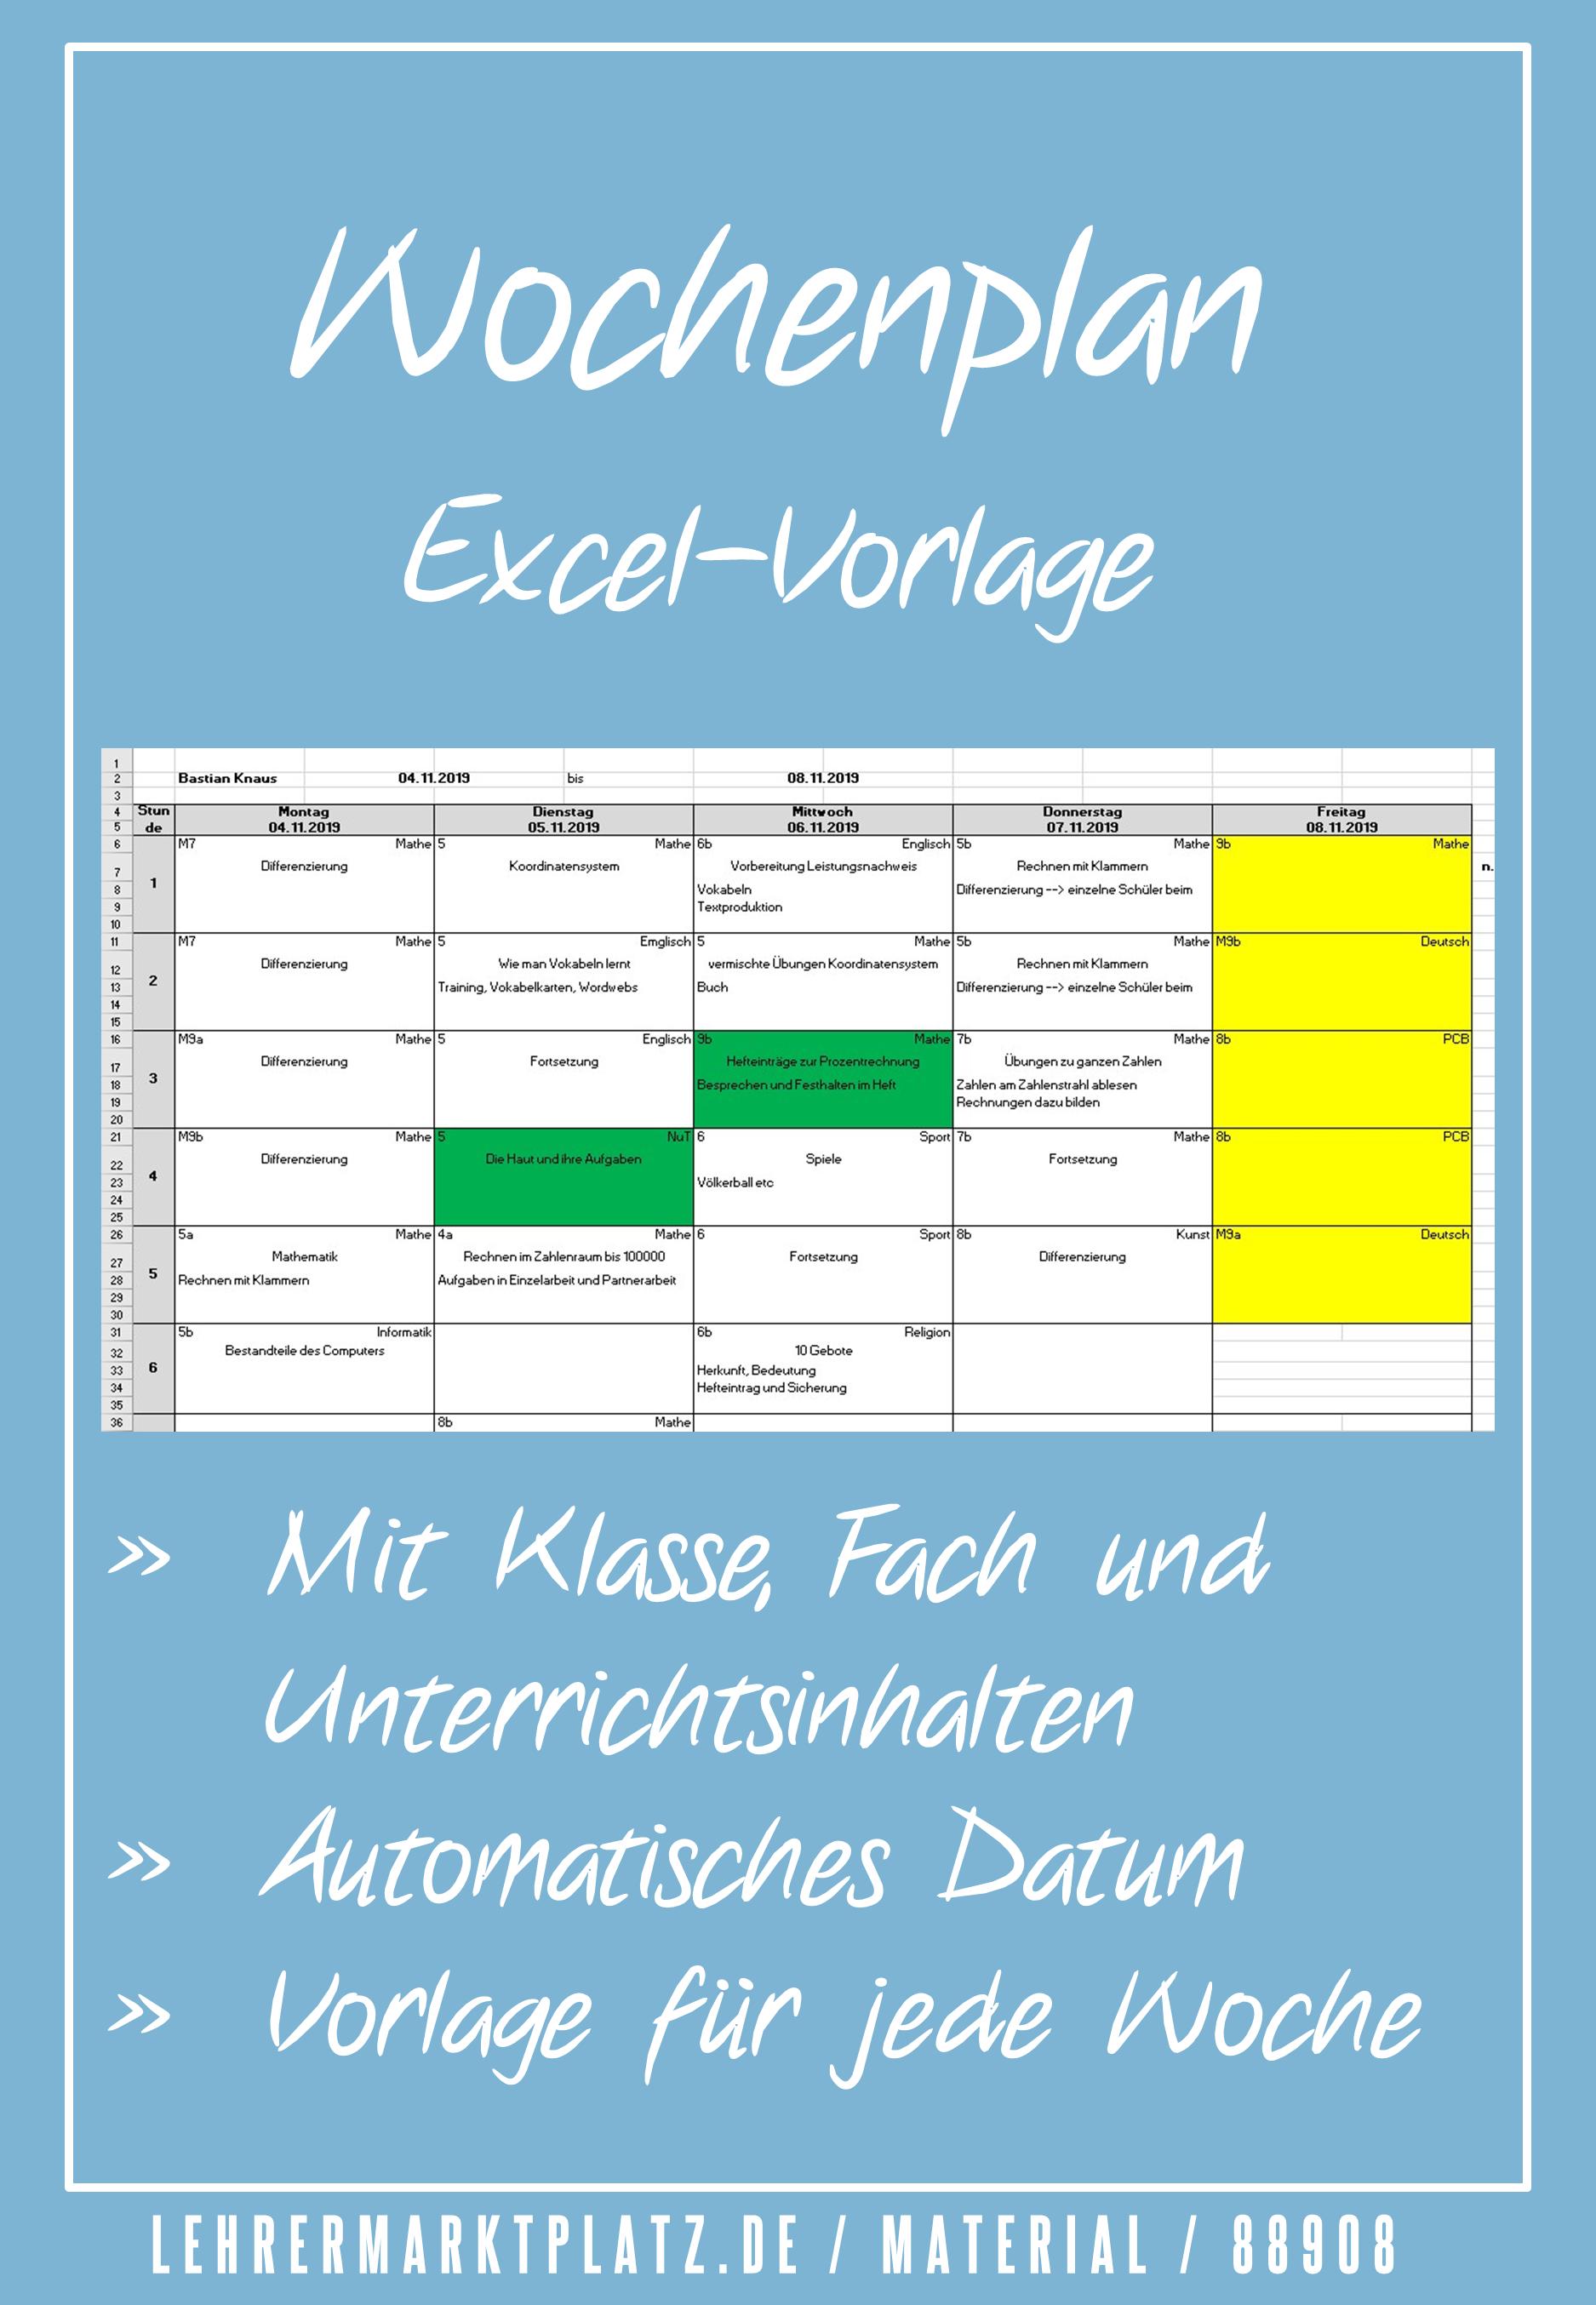 Wochenplan Vorlage In Excel Unterrichtsmaterial Im Fach Fachubergreifendes Unterrichtsplanung Wochenplan Vorlage Unterrichts Planung